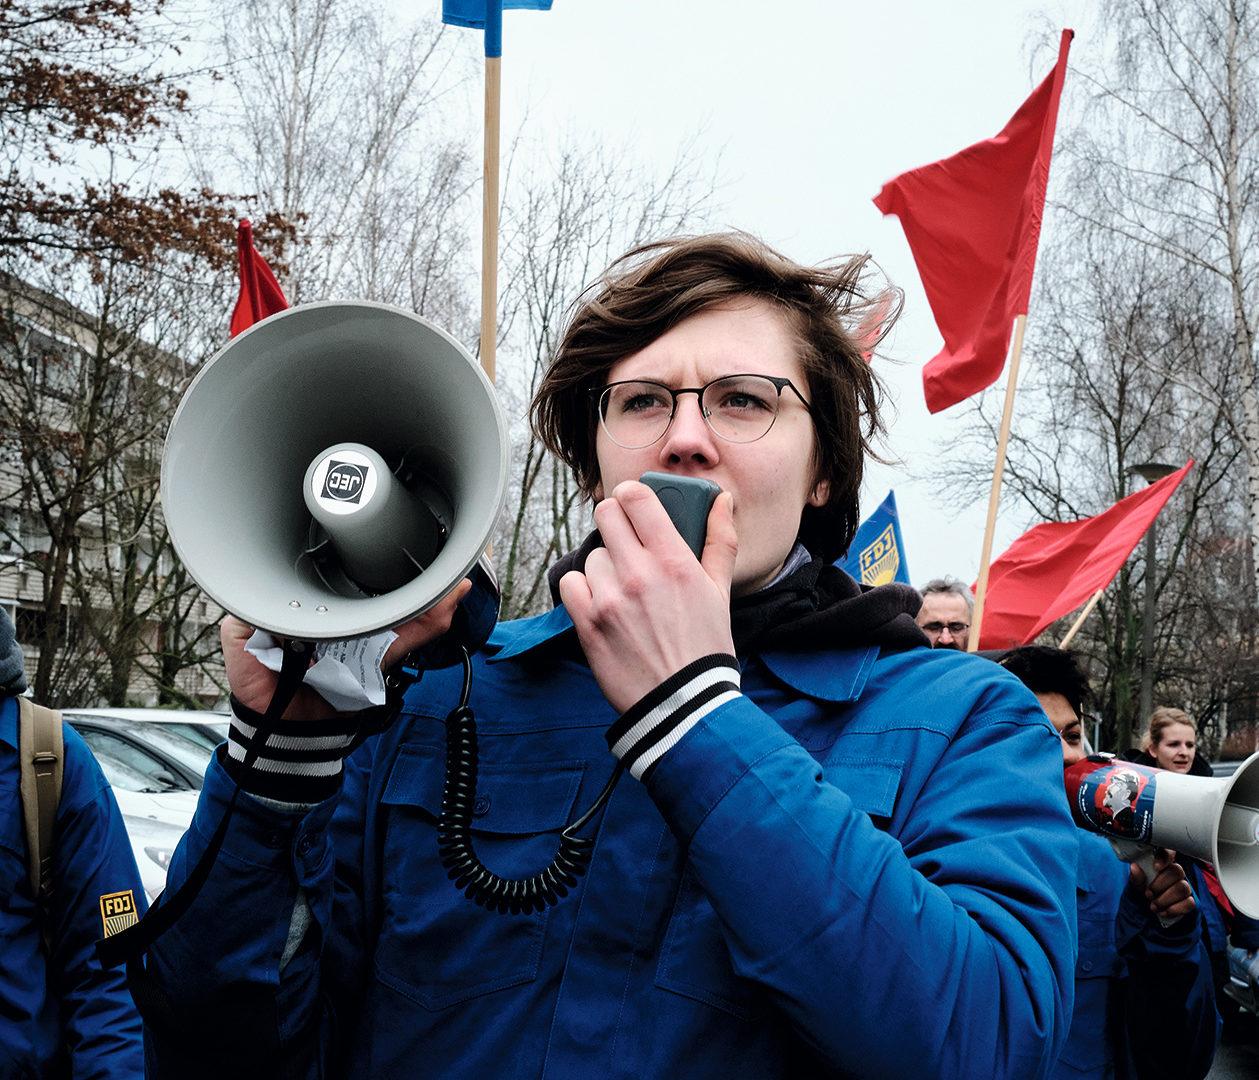 In einem Zwickauer Wohngebiet trägt Frieda ein Megafon in der Hand und spricht hinein. Im Hintergrund wehen blaue und rote Fahnen, der Himmel ist grau.